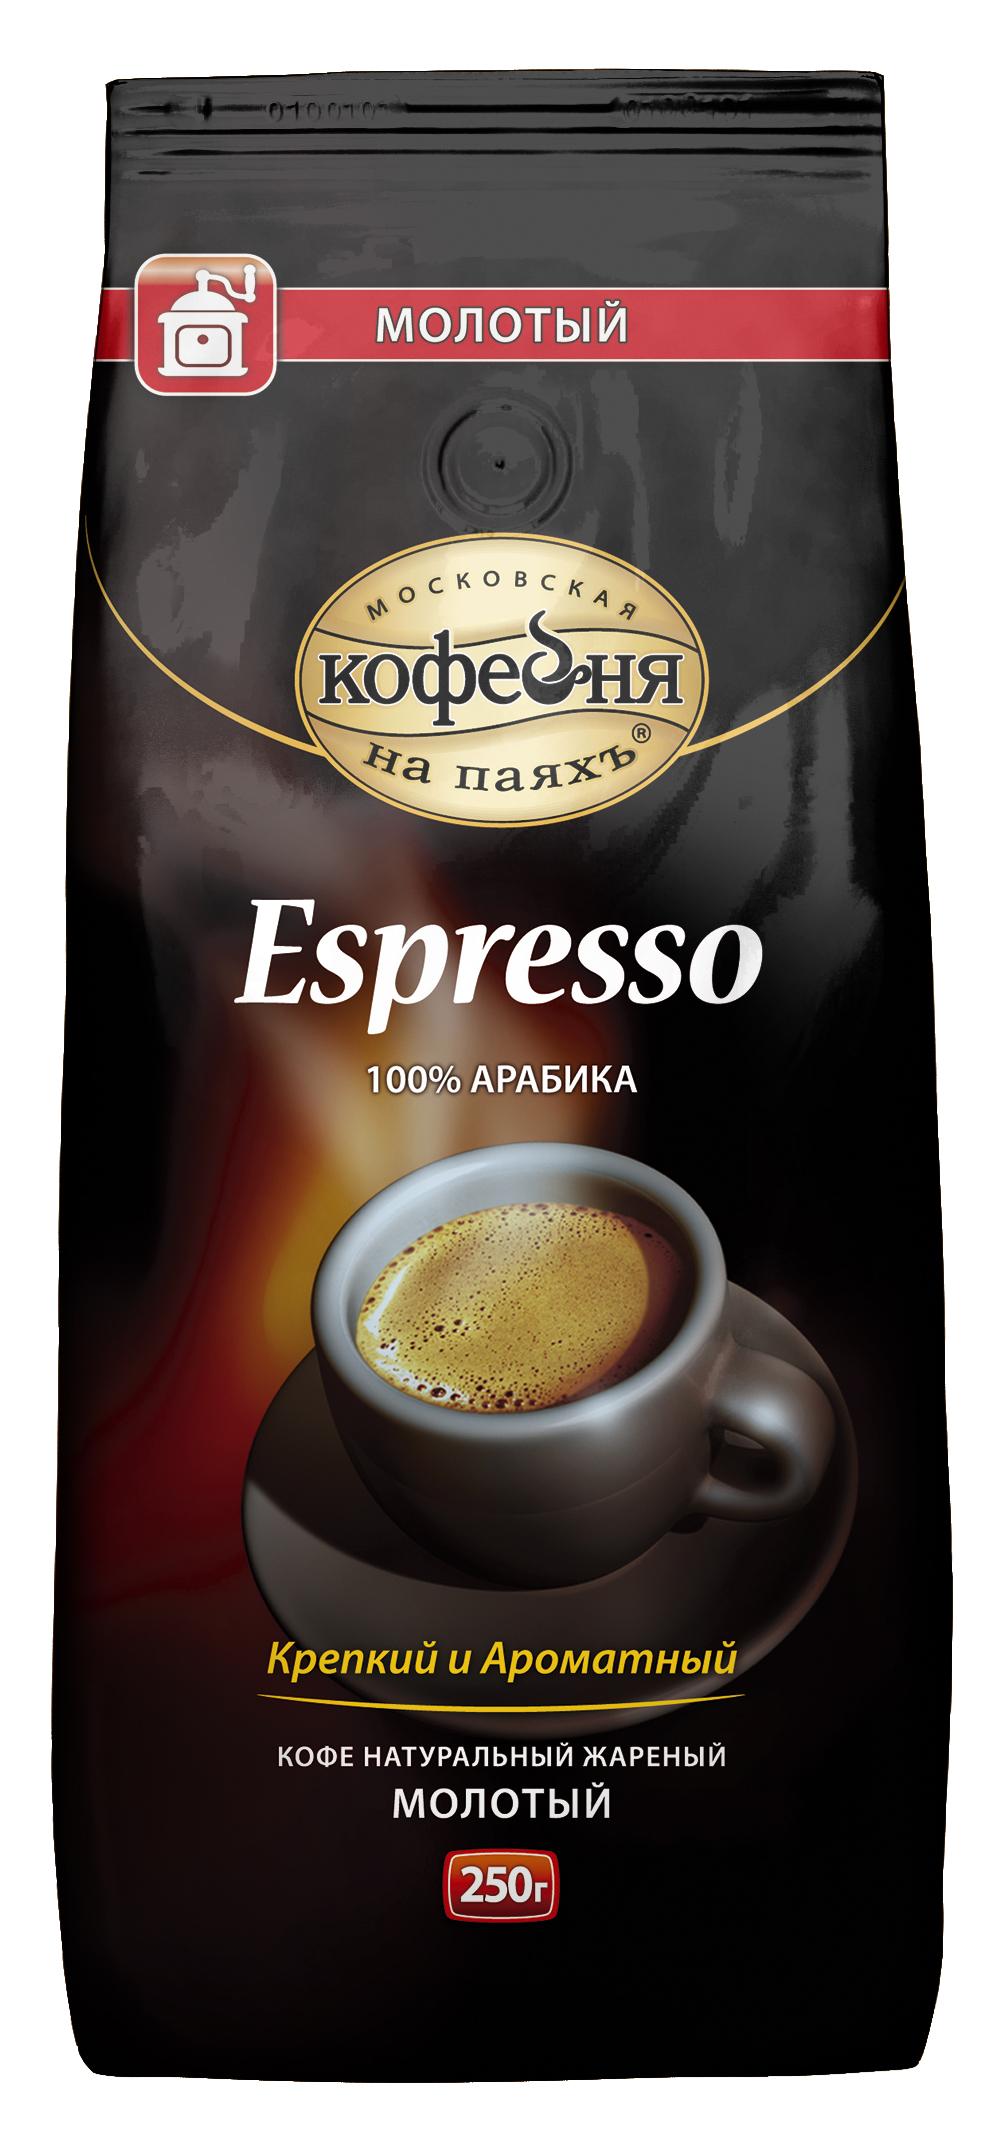 Московская кофейня на паяхъ Espresso кофе молотый, 250 г4601985002919Кофе молотый «Эспрессо» от «Московской кофейни на паяхъ» состоит из семи видов элитной Арабики, выращенных на плантациях Южной и Центральной Америки, Африки, тщательно отобранных и обжаренных в Венецианской традиции. Специальный клапан на пакете гарантирует сохранение вкуса и аромата свежеобжаренного молотого кофе. Рекомендуется для приготовления в эспрессо-машине, френч-прессе, турке или любым другим способом.